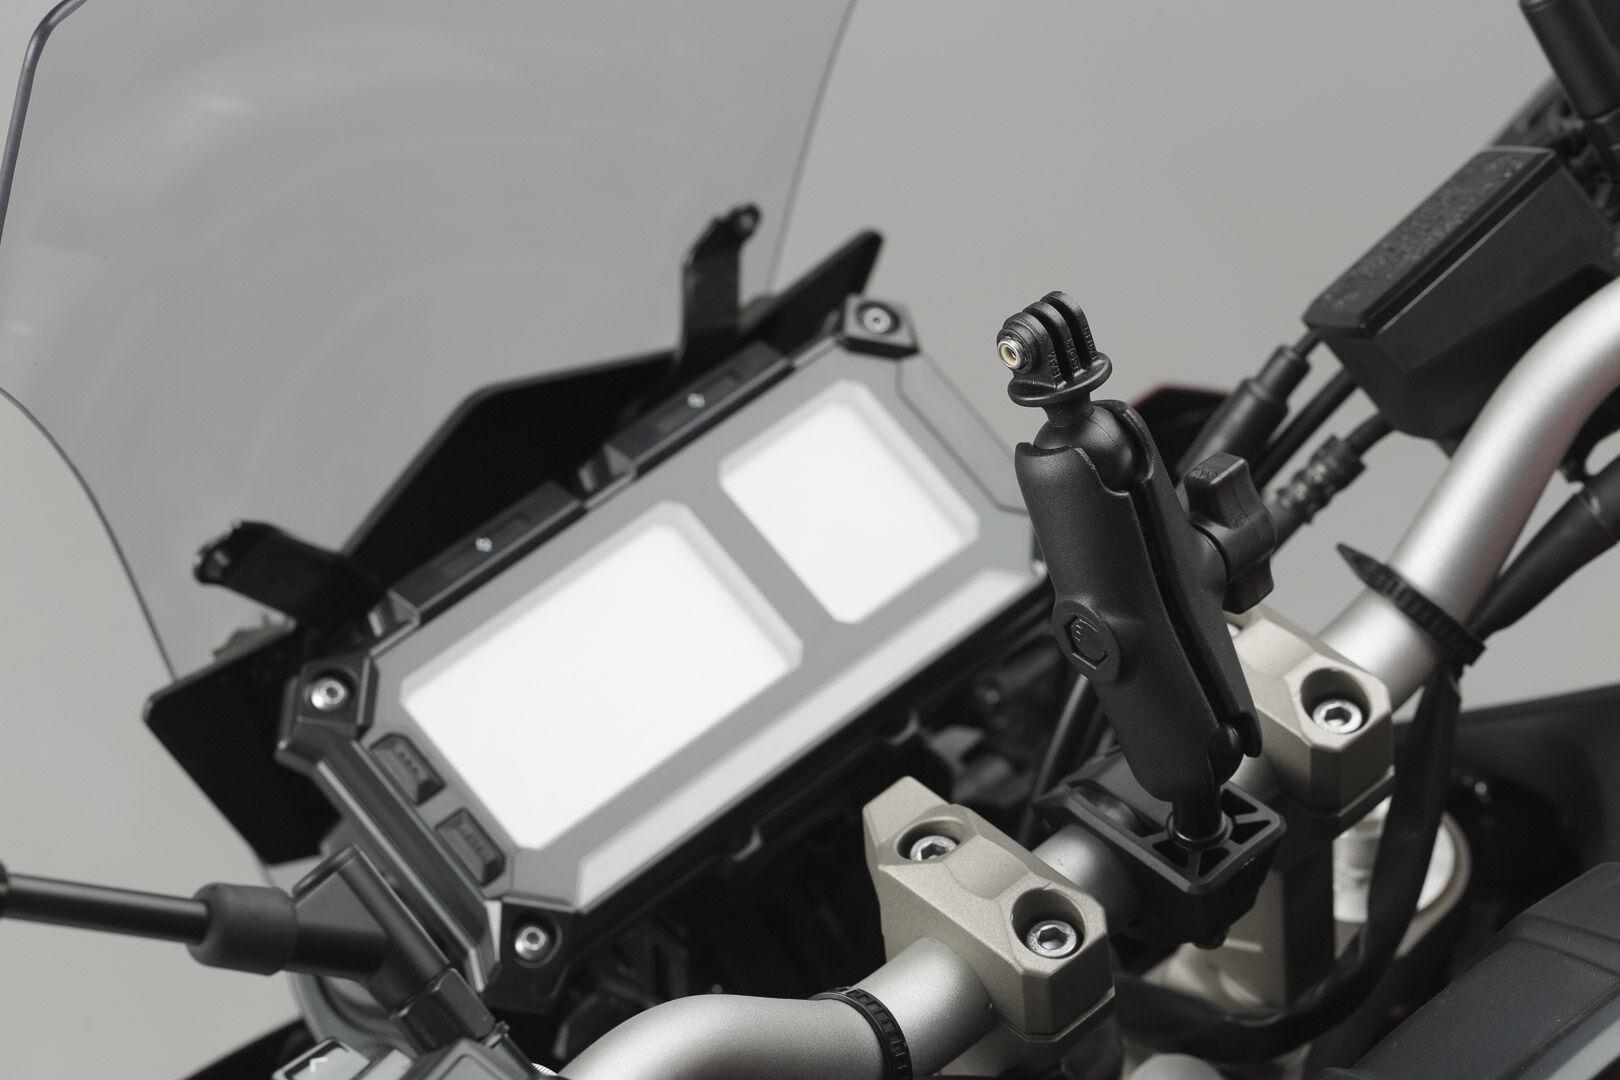 SW-Motech 'Kit di telecamera GoPro universale incl. 1' 'palla, brac...